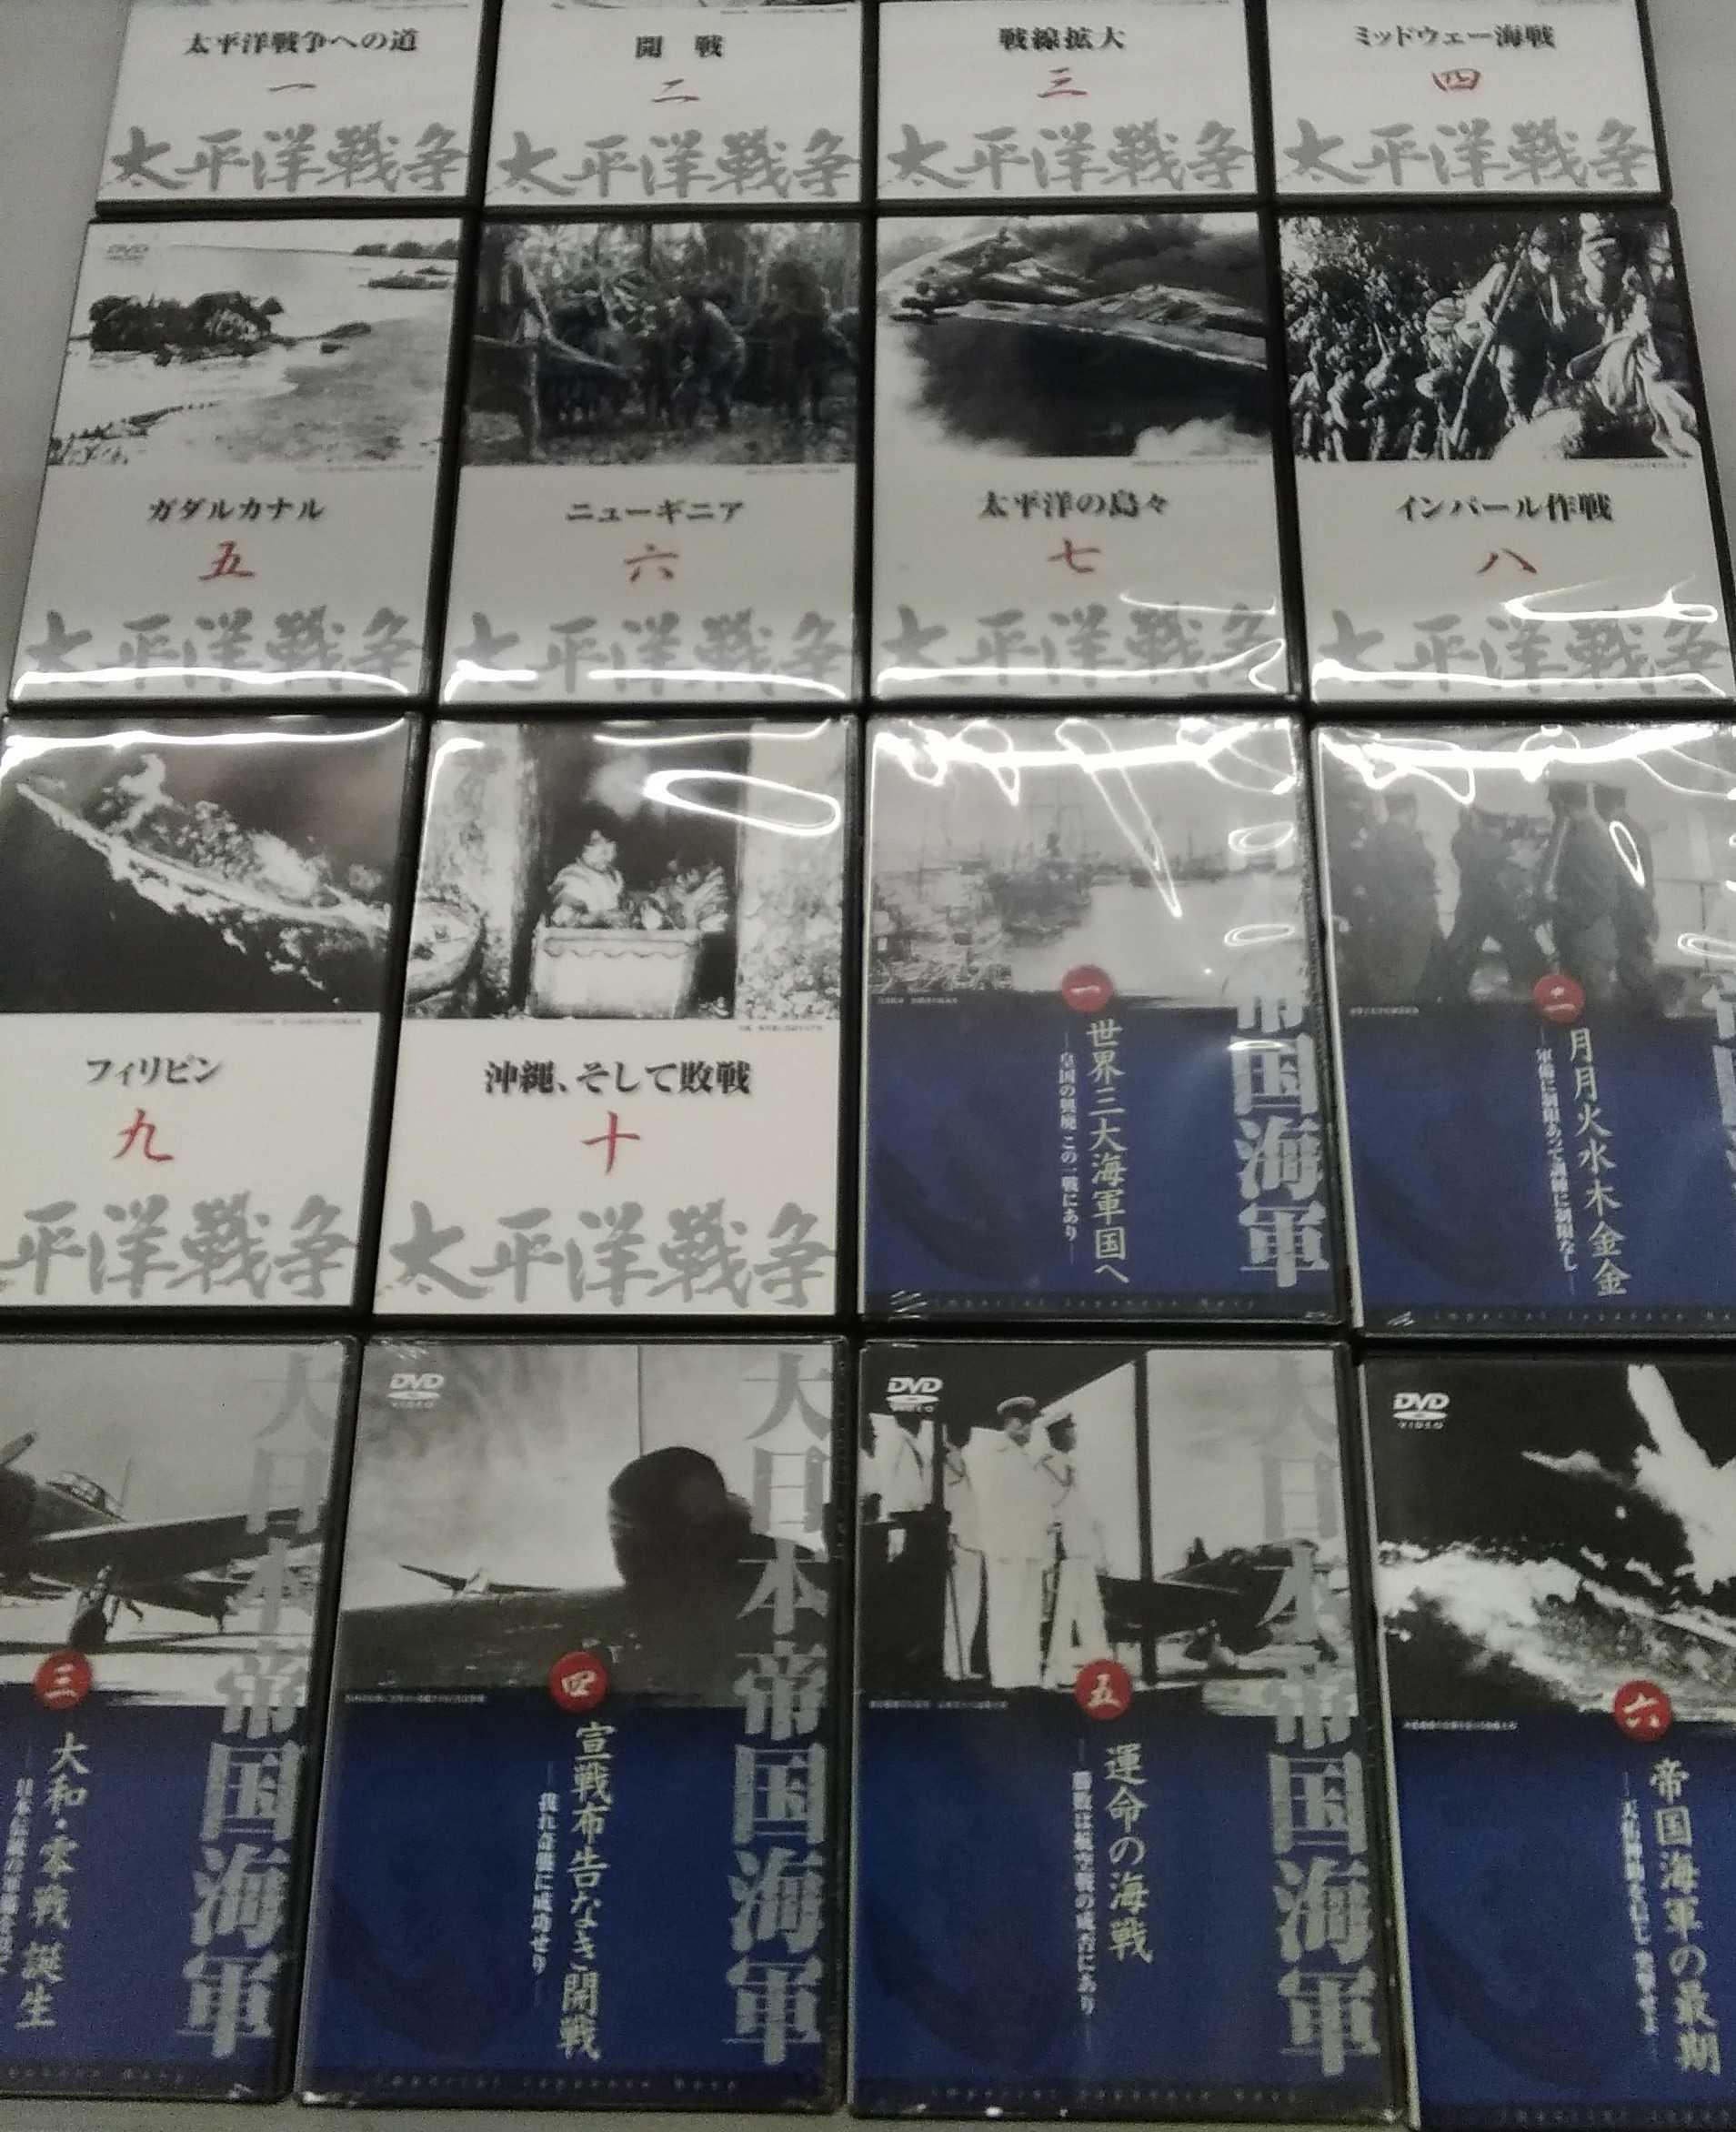 太平洋戦争1-10 大日本帝国海軍1-6|U-CAN